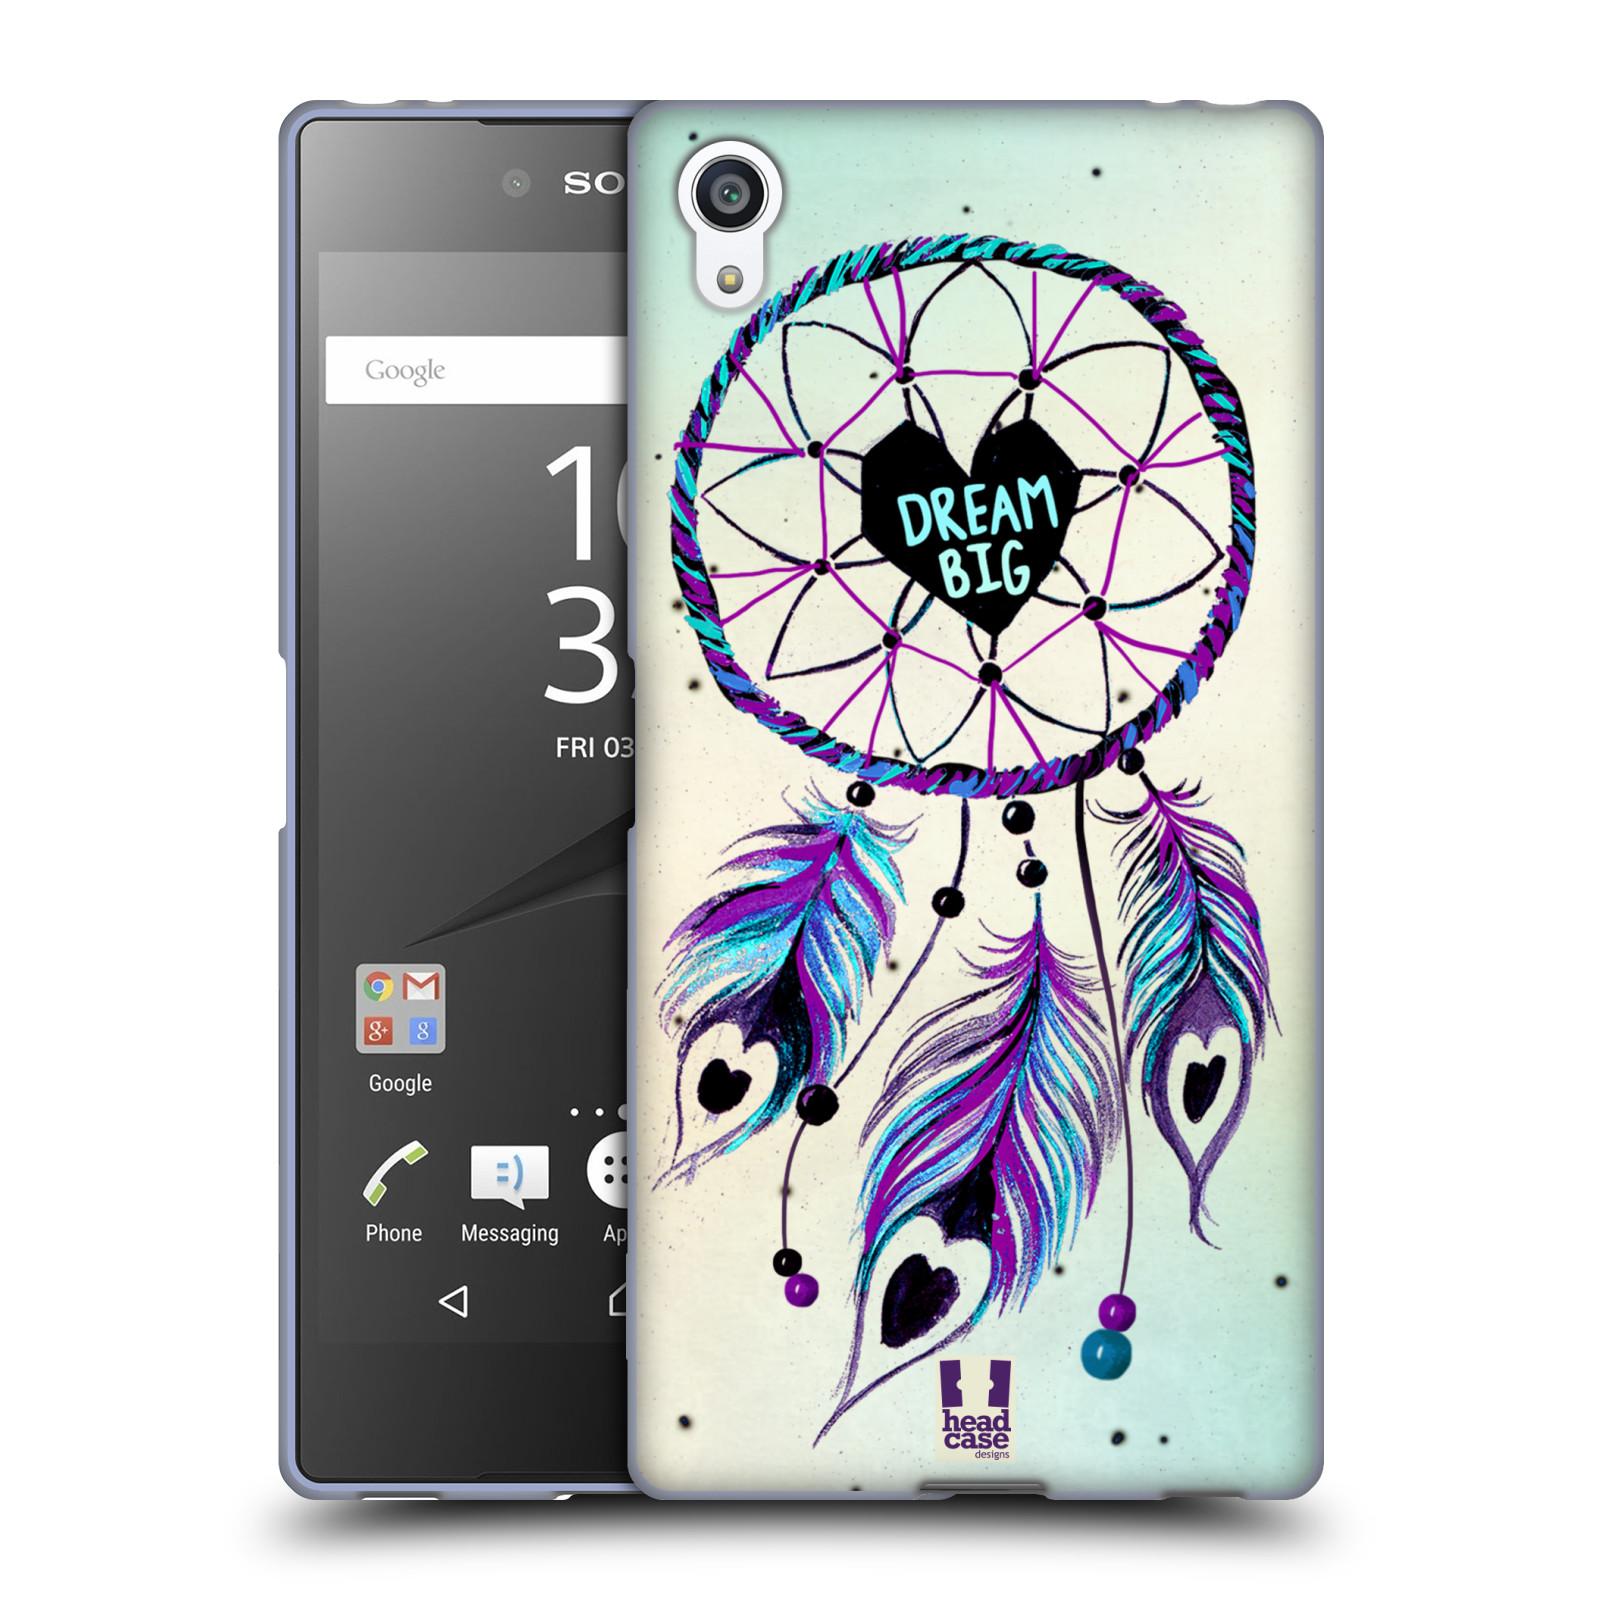 Silikonové pouzdro na mobil Sony Xperia Z5 Premium HEAD CASE Lapač Assorted Dream Big Srdce